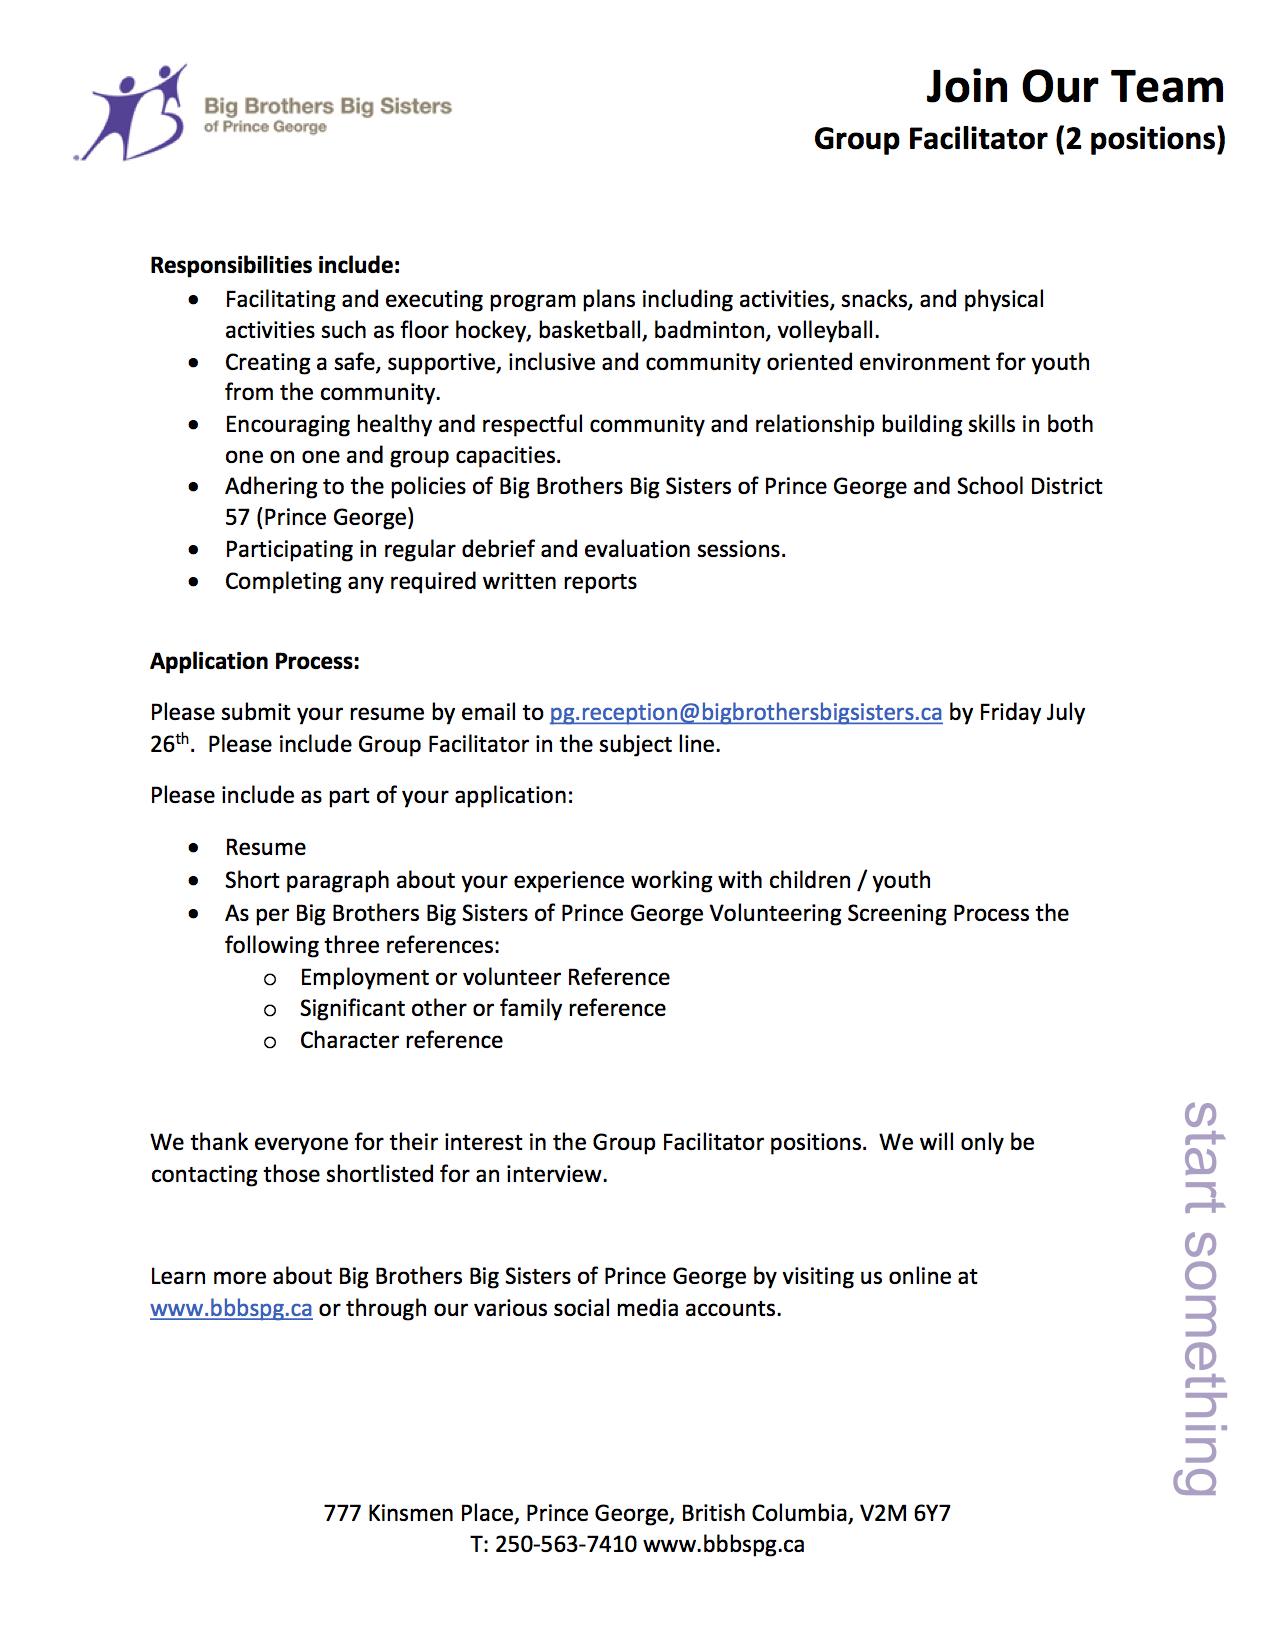 BBBS Job Posting